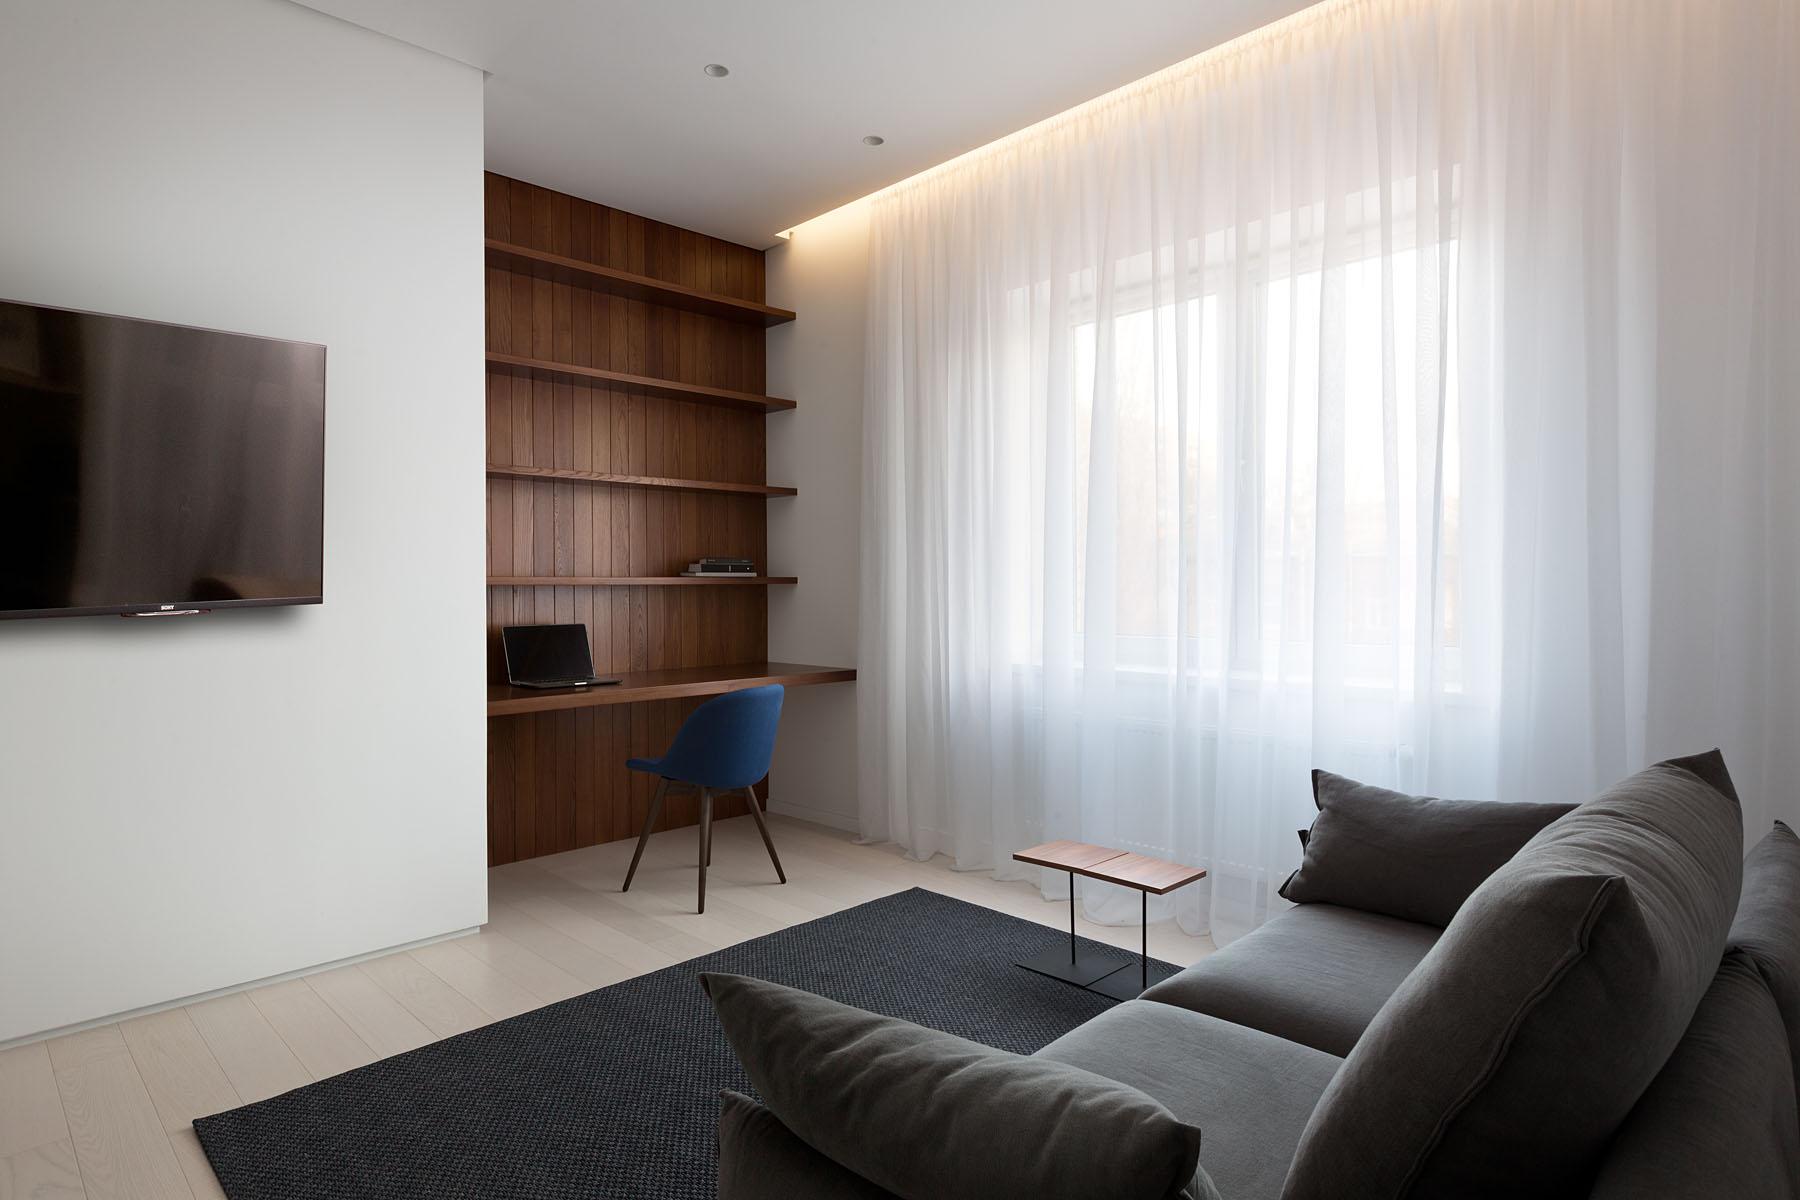 дървени панели модерен интериор_21